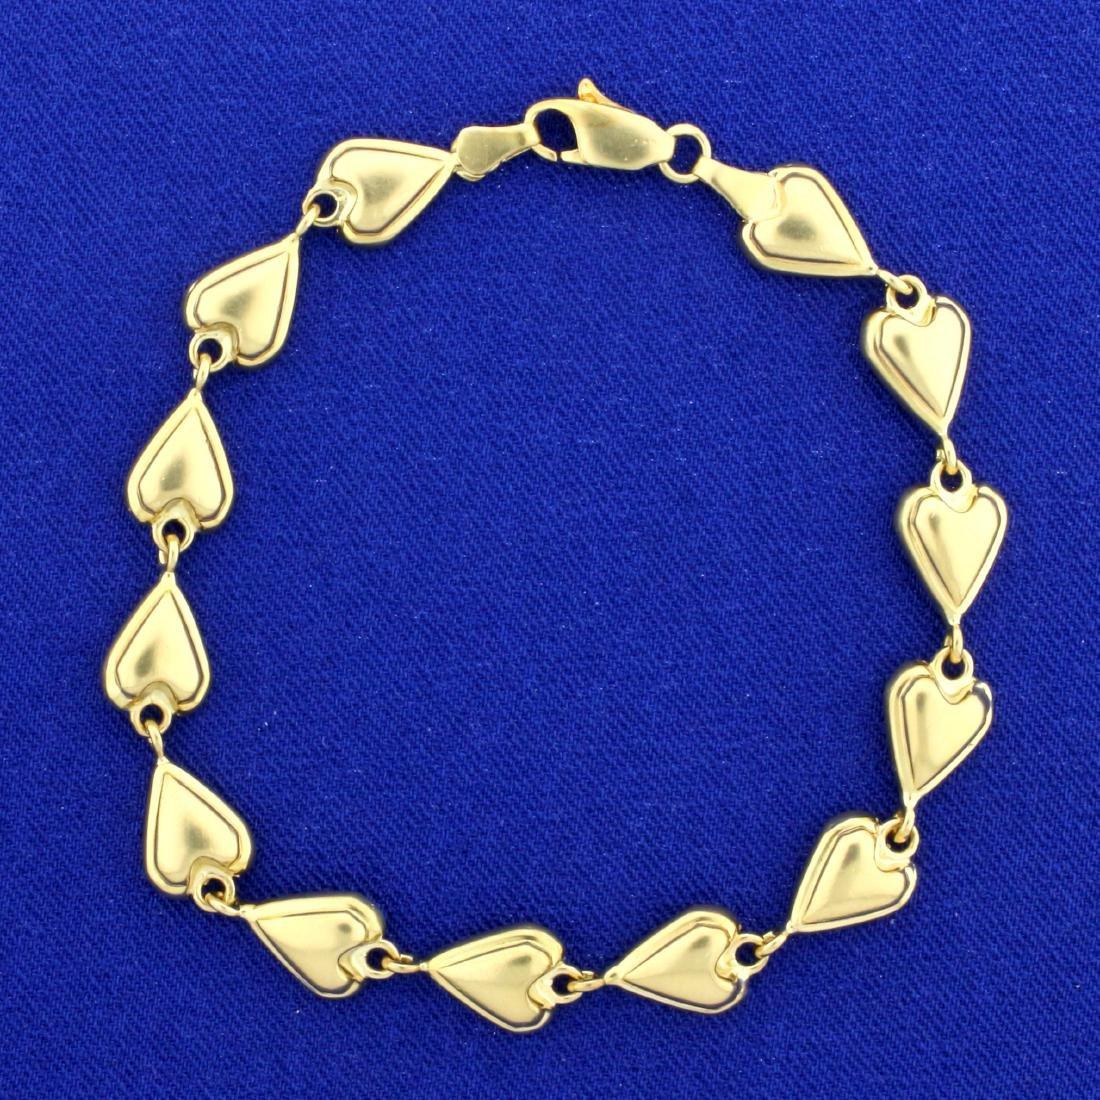 7 1/2 Inch Heart Link Heart Bracelet in 14K Yellow Gold